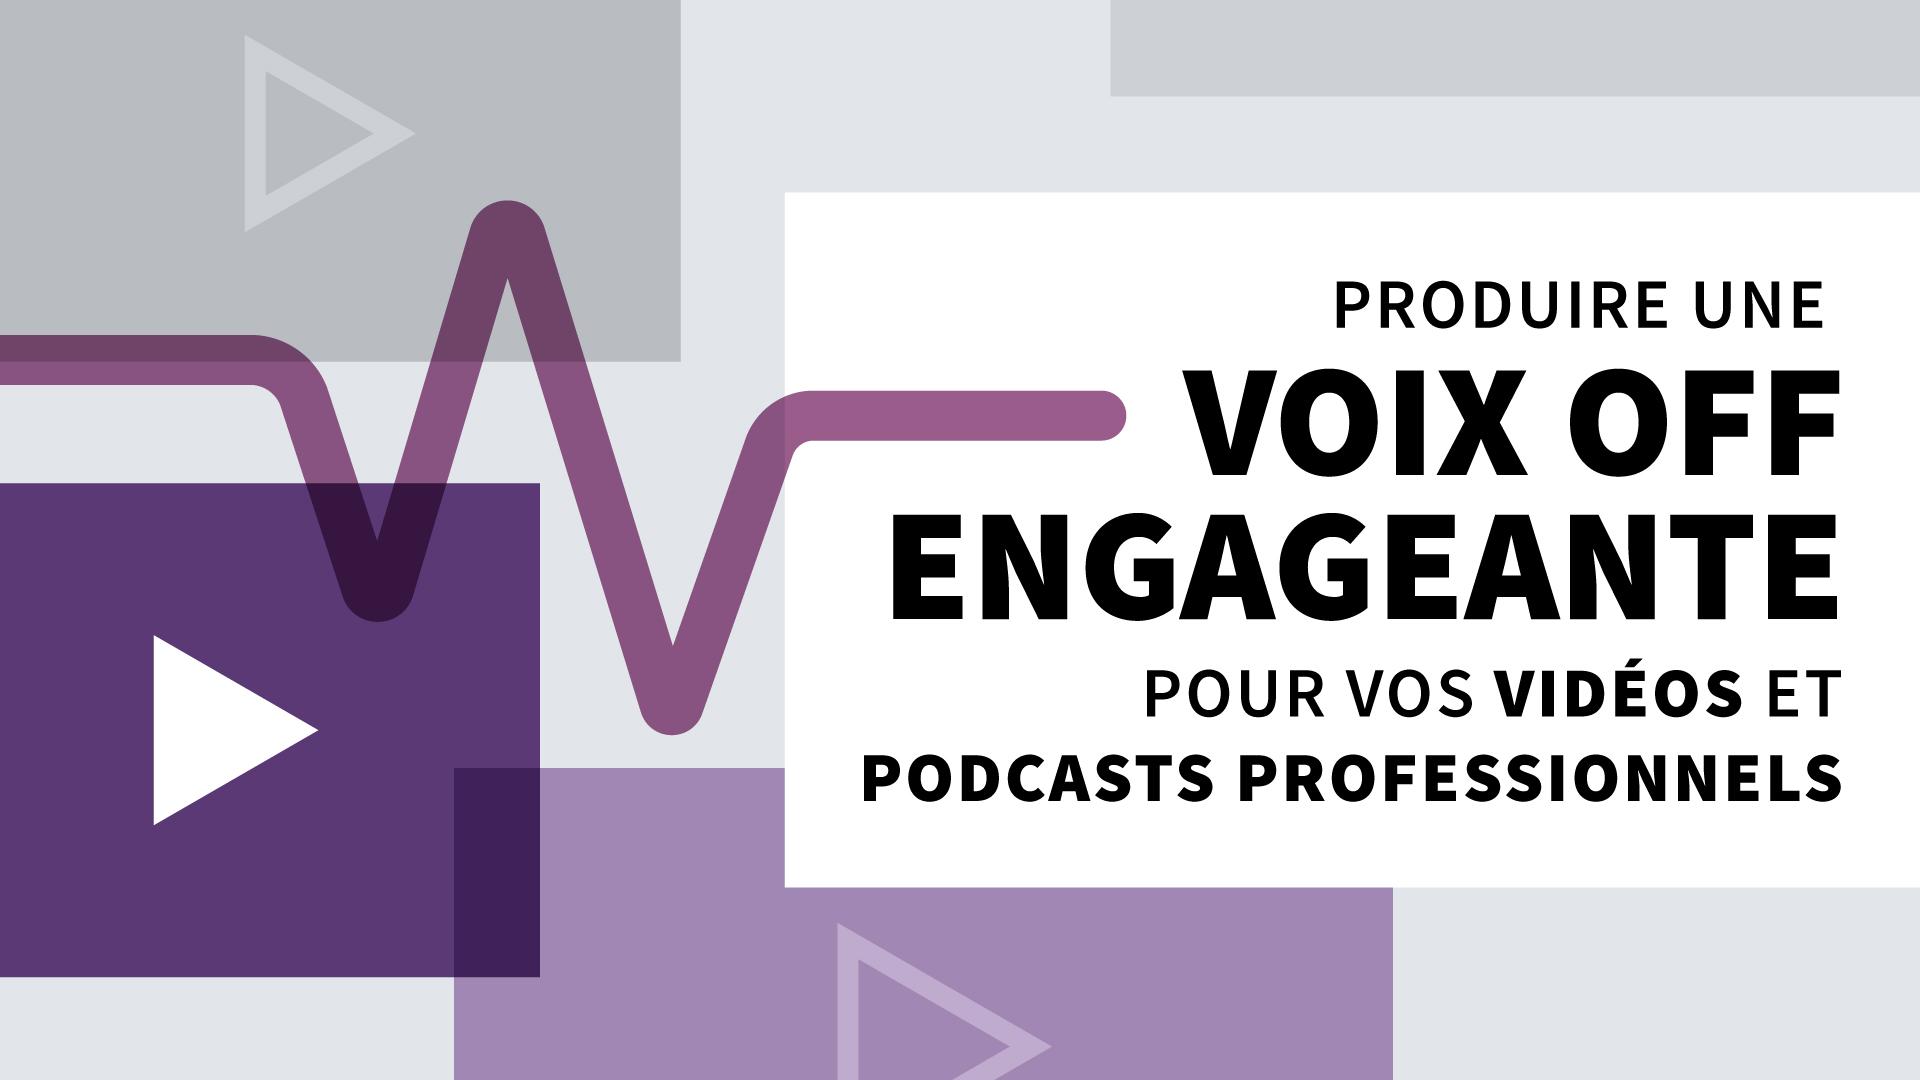 Produire une voix off engageante pour vos vidéos et podcasts professionnels